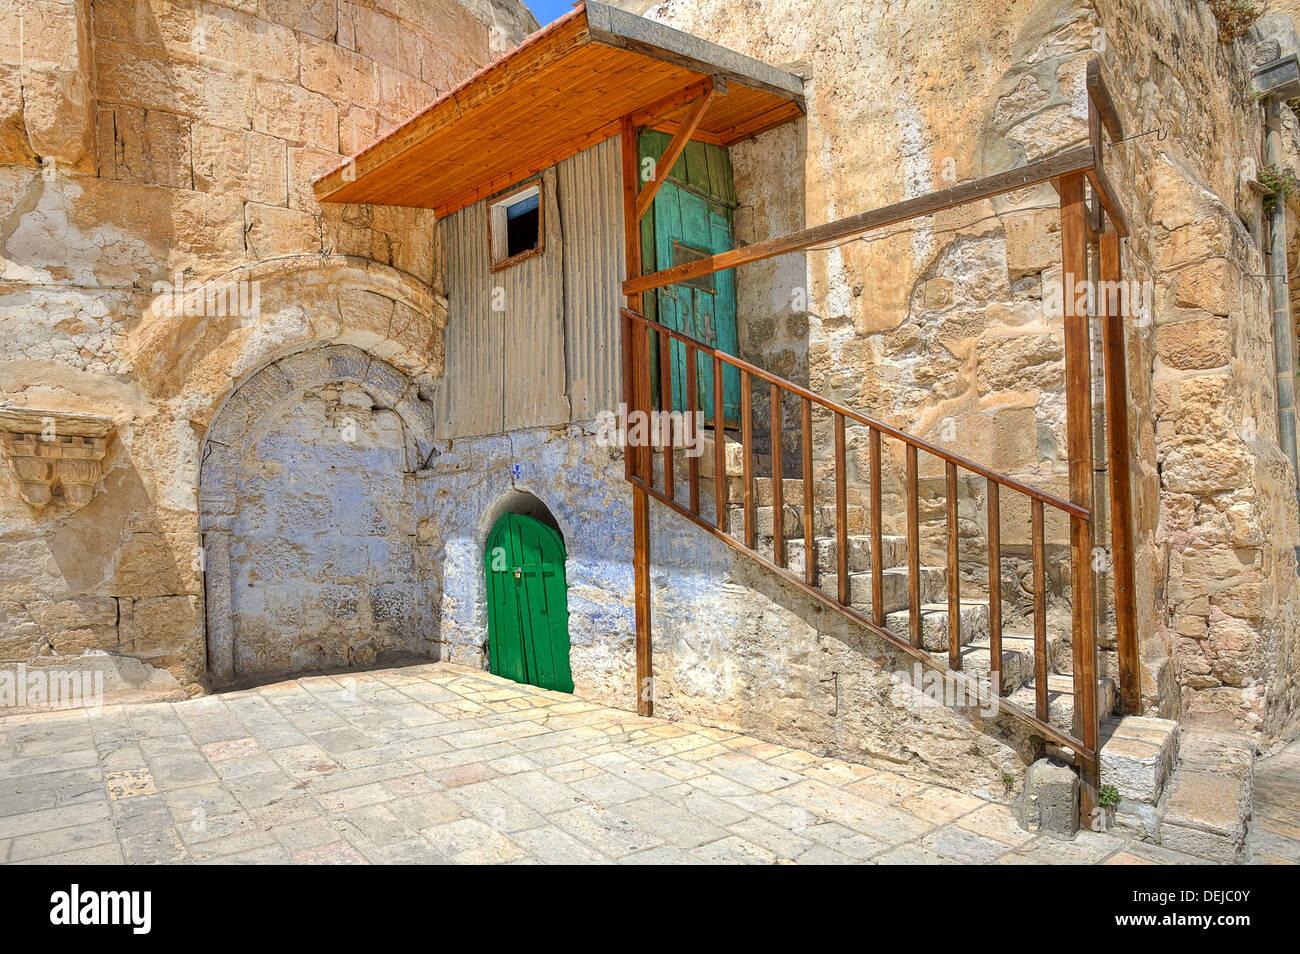 Piccola cella della Chiesa Copta Ortodossa situato sul tetto della chiesa del Santo Sepolcro a Gerusalemme, Israele. Immagini Stock